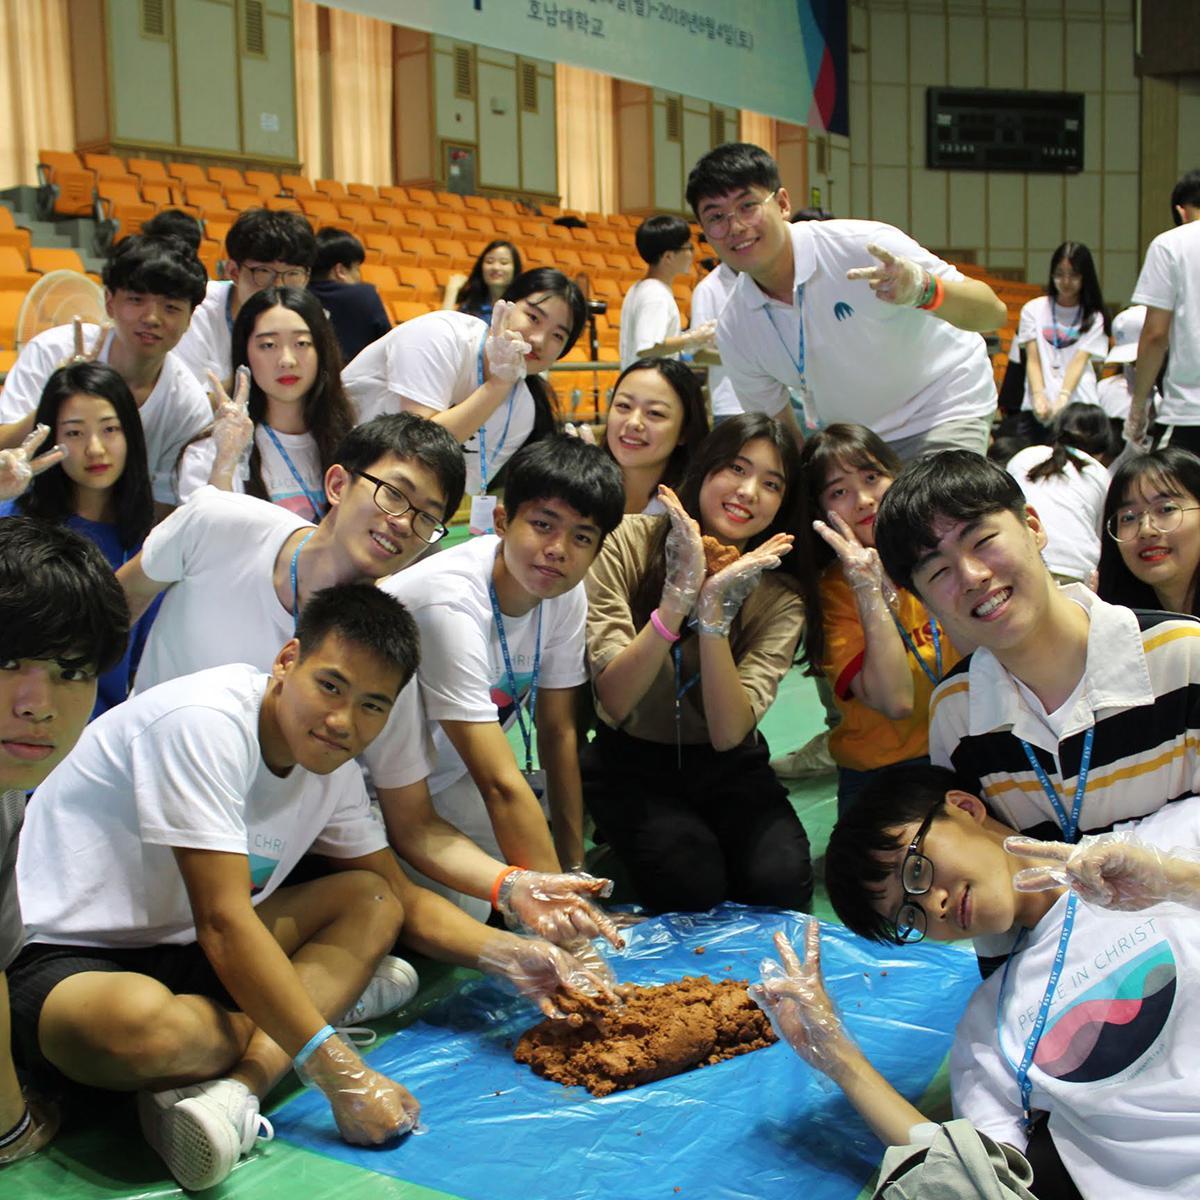 봉사활동 중인 참가자들